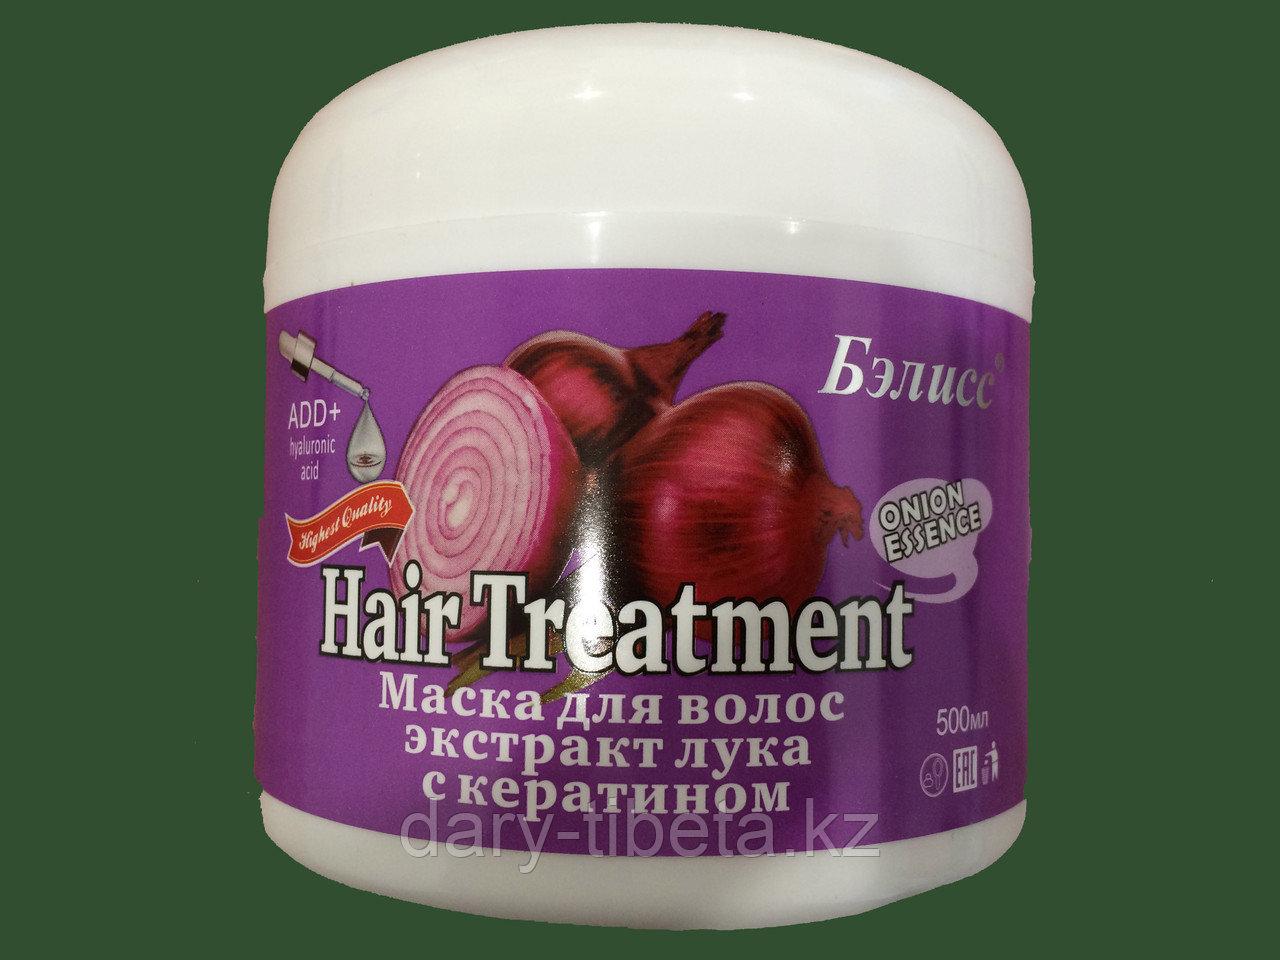 Маска для волос с экстрактом лука с кератином -Бэлисс